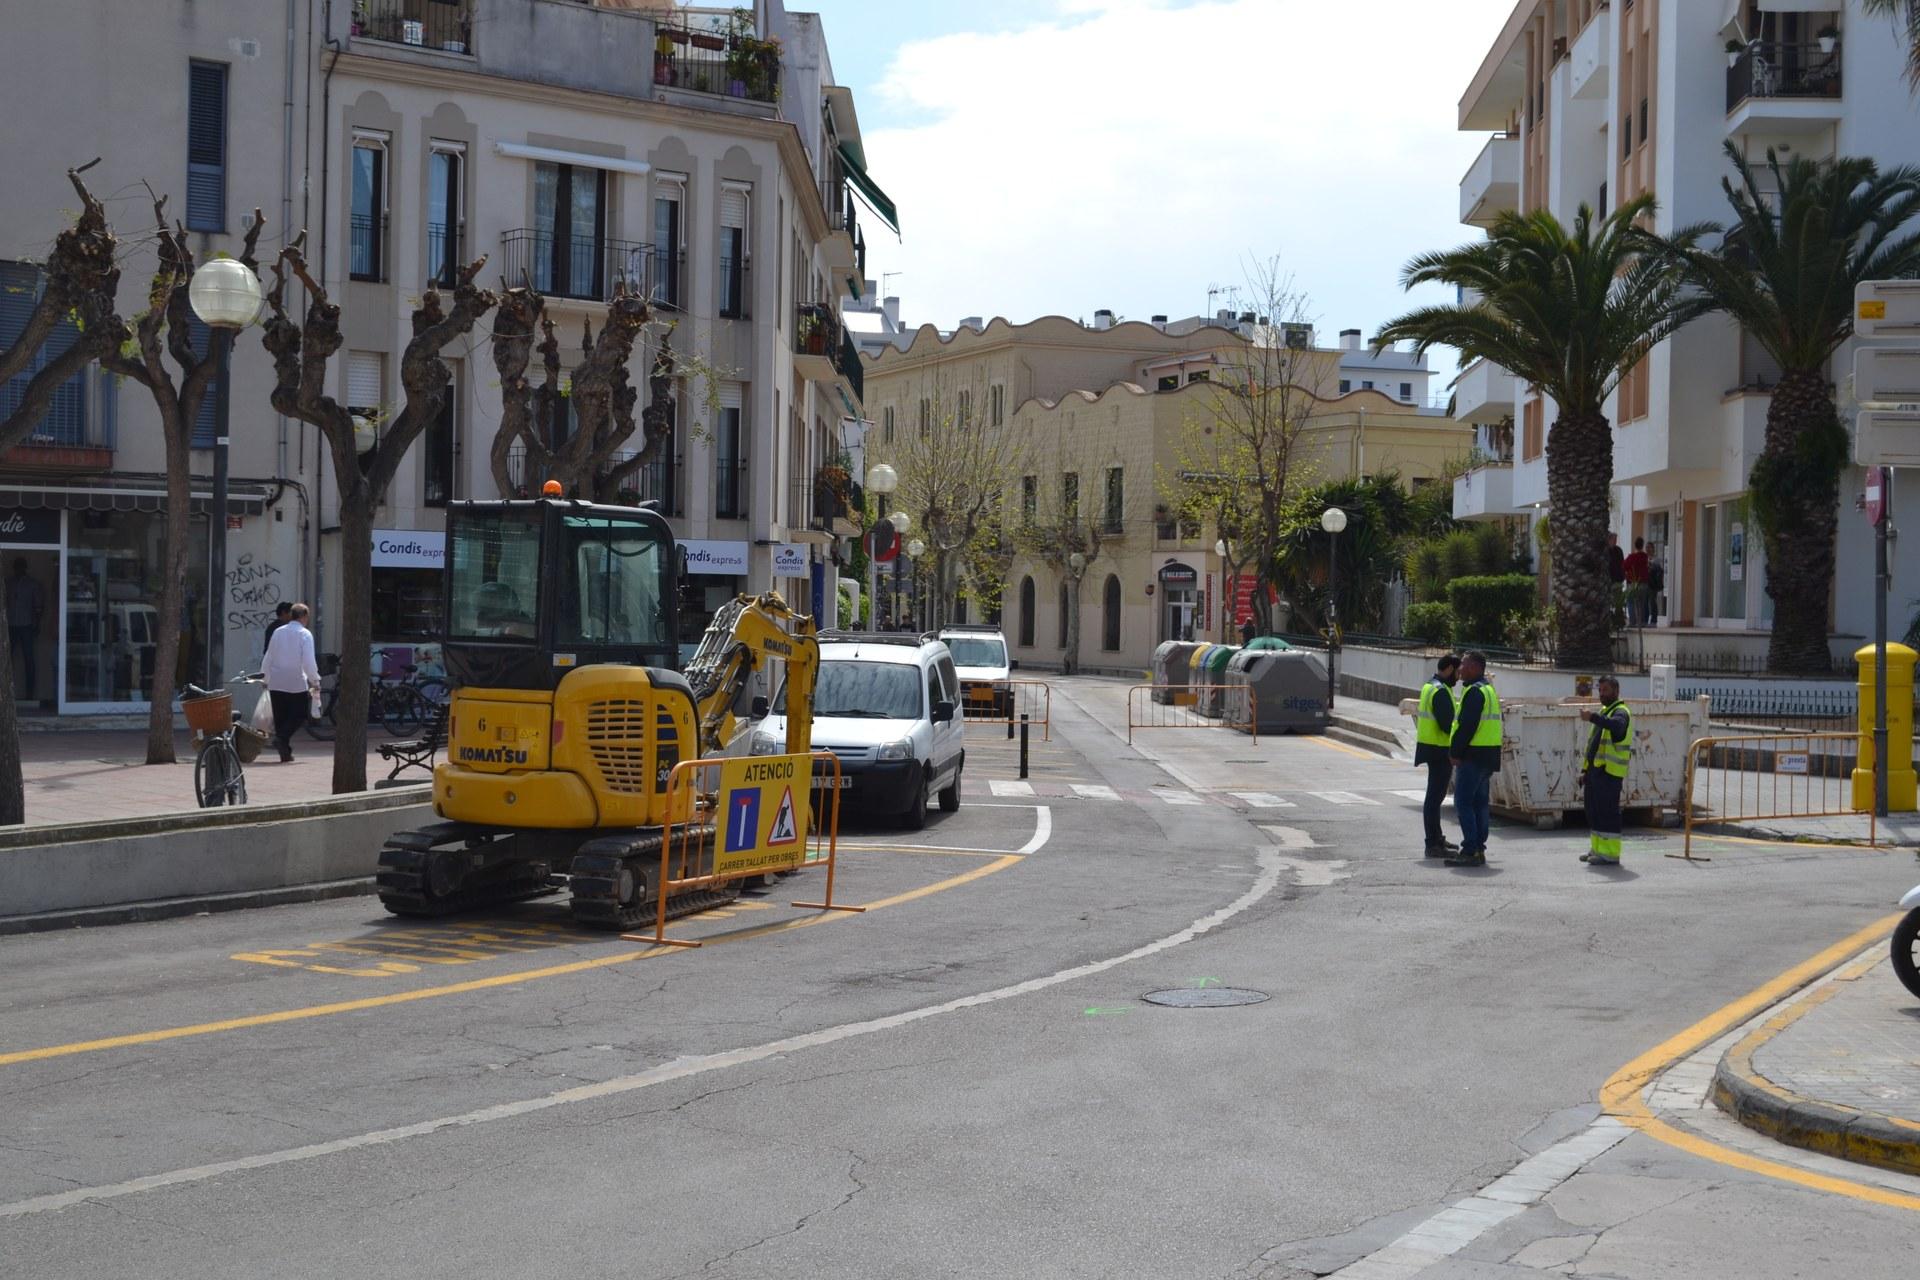 S'inicien les obres de la primera fase de les obres del carrer Espalter amb els treballs a la plaça del Pou Vedre